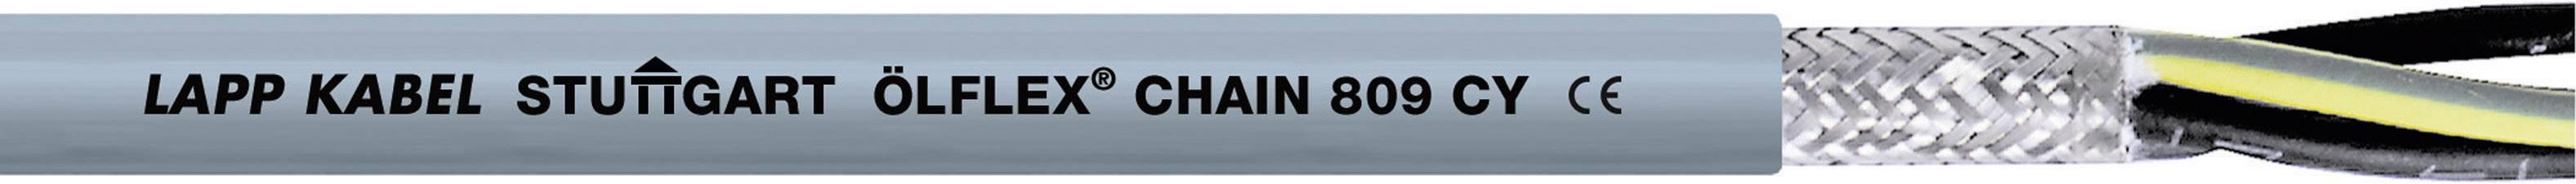 Žíla kabelu LappKabel ÖLFLEX CHAIN 809 CY 18G0,5 (1026757), 18x 0,5 mm², PVC, Ø 11,8 mm, stíněný, 100 m, šedá